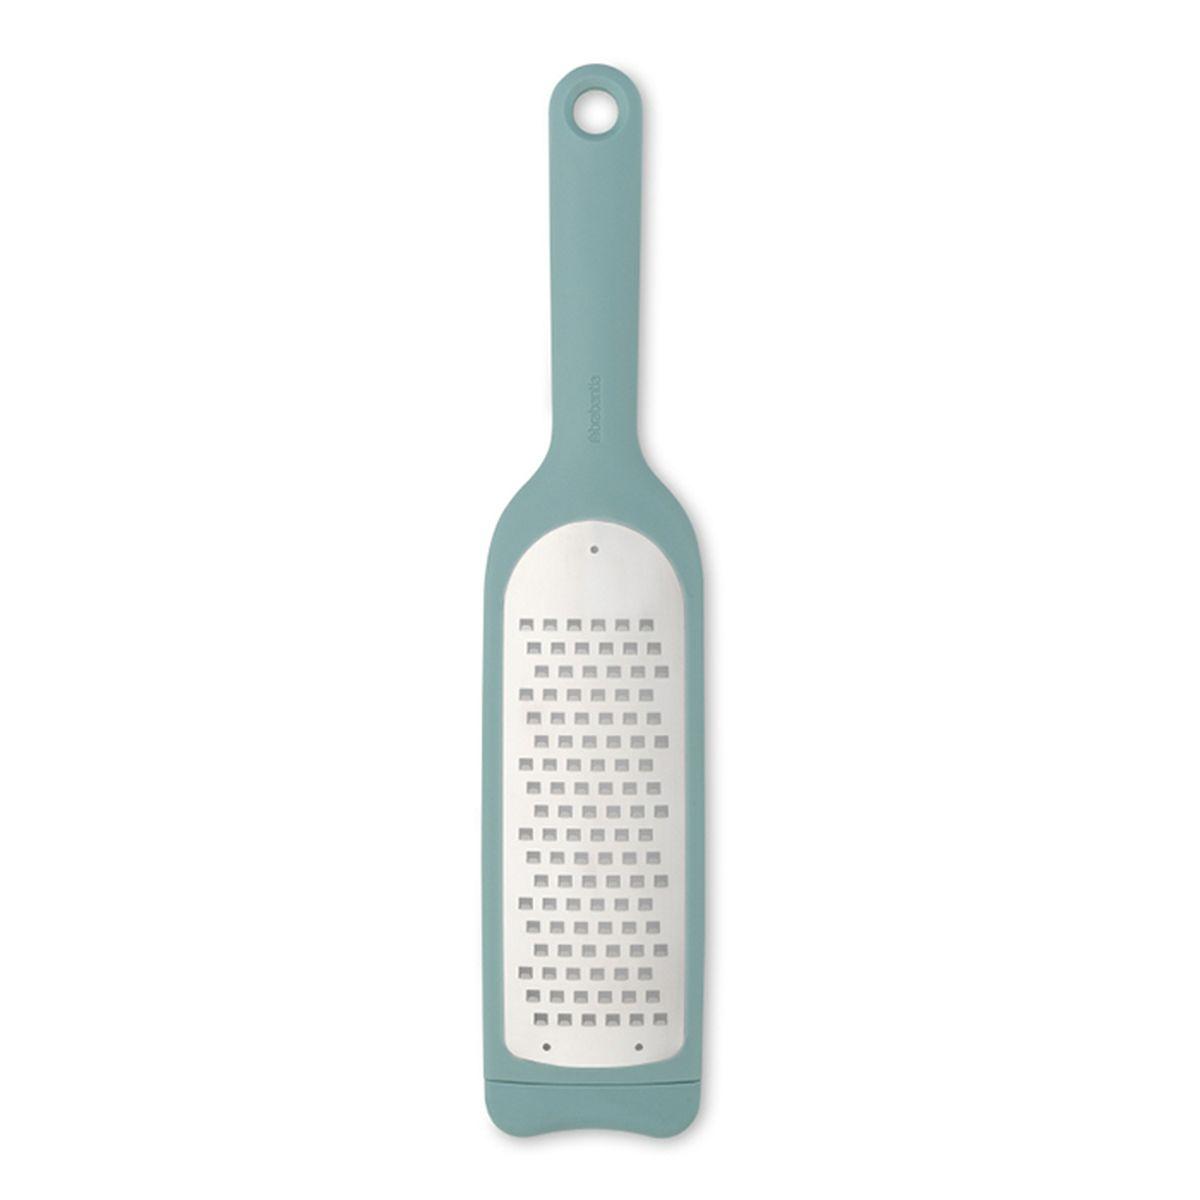 Терка Brabantia Tasty Colours110122Идеальная терка для шинковки капусты, измельчения мягких видов сыров, цуккини, картофеля, яблок, тыквы и т.п. Удобна в хранении – петелька для подвешивания; Длинная ручка позволяет прочно удерживать изделие во время использования; Легко моется – можно мыть в посудомоечной машине; Прочная - изготовлена из нержавеющей стали с остро наточенными зубцами; Повышенная устойчивость – нескользящее основание; Благодаря специальным прорезям на задней поверхности терка надежно удерживается в миске или сковороде; Повышенная безопасность – прозрачный защитный футляр; Гарантия 5 лет.